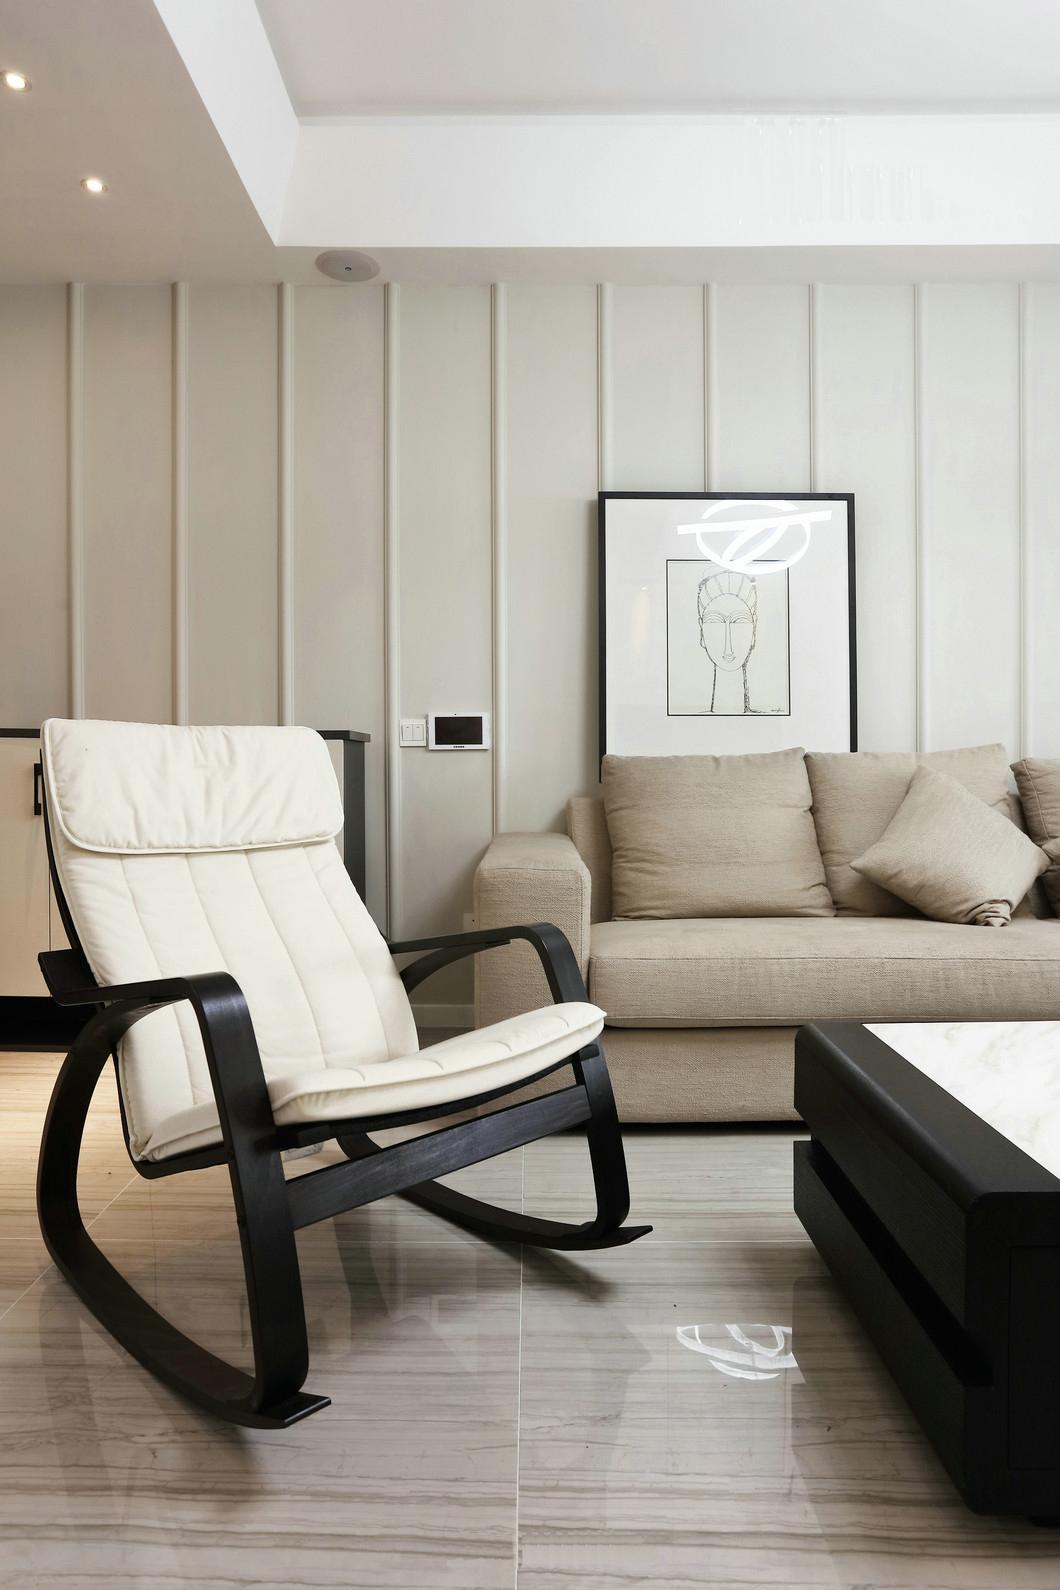 简约 三居 80后 客厅图片来自九鼎建筑装饰工程有限公司成都分在朗基天香95平现代简约温馨小居的分享